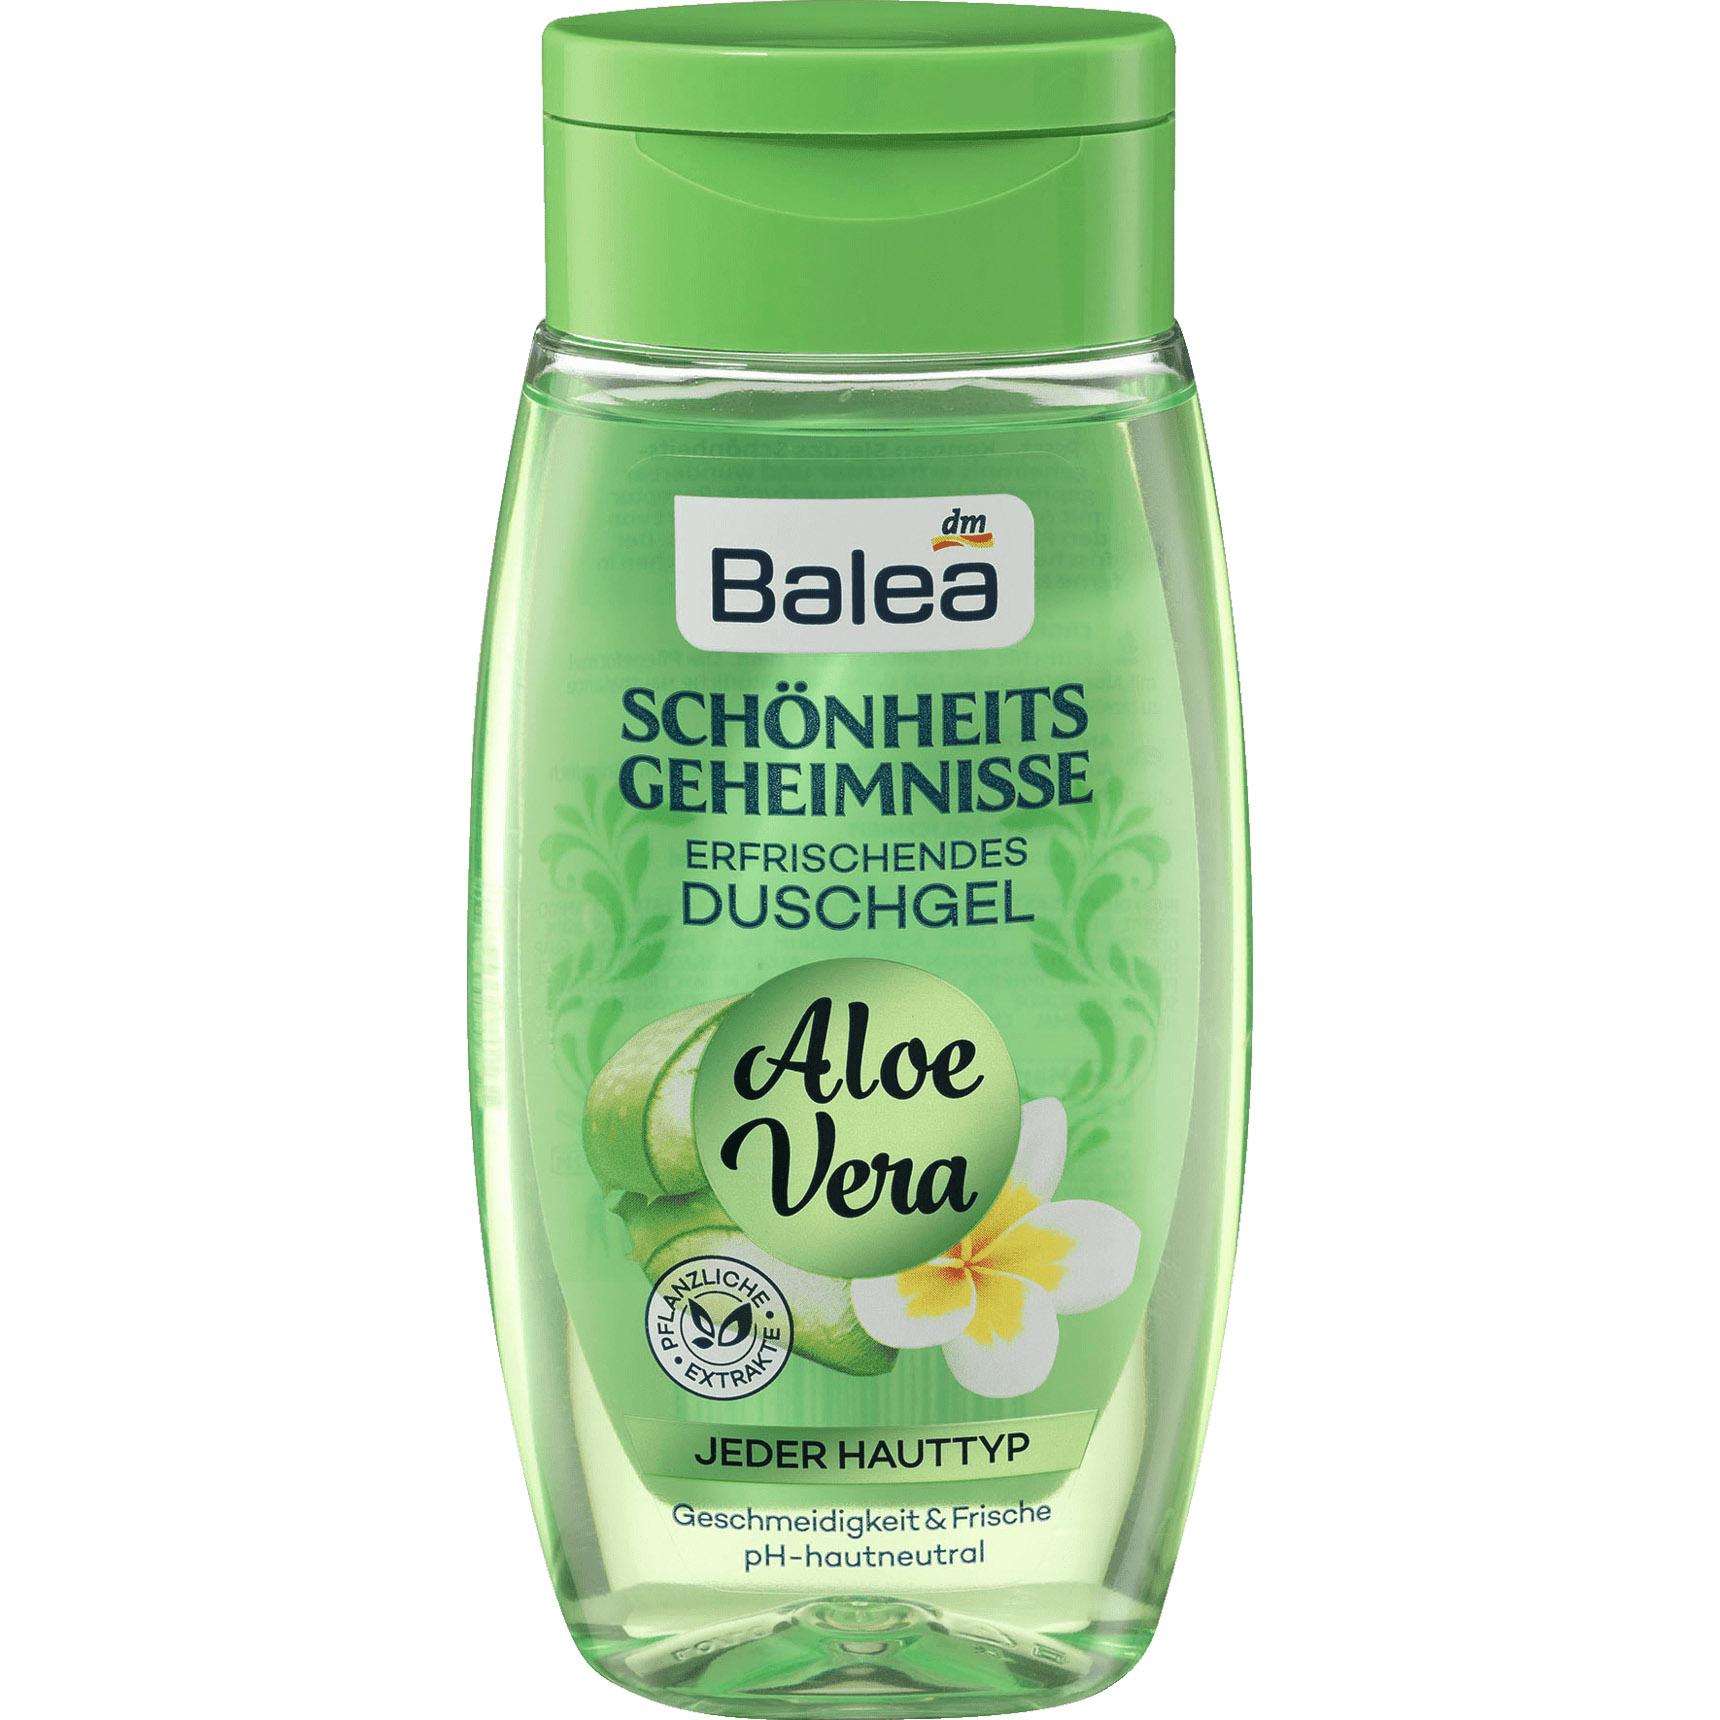 Balea 德國芭樂雅蘆薈保濕沐浴露 (250毫升)